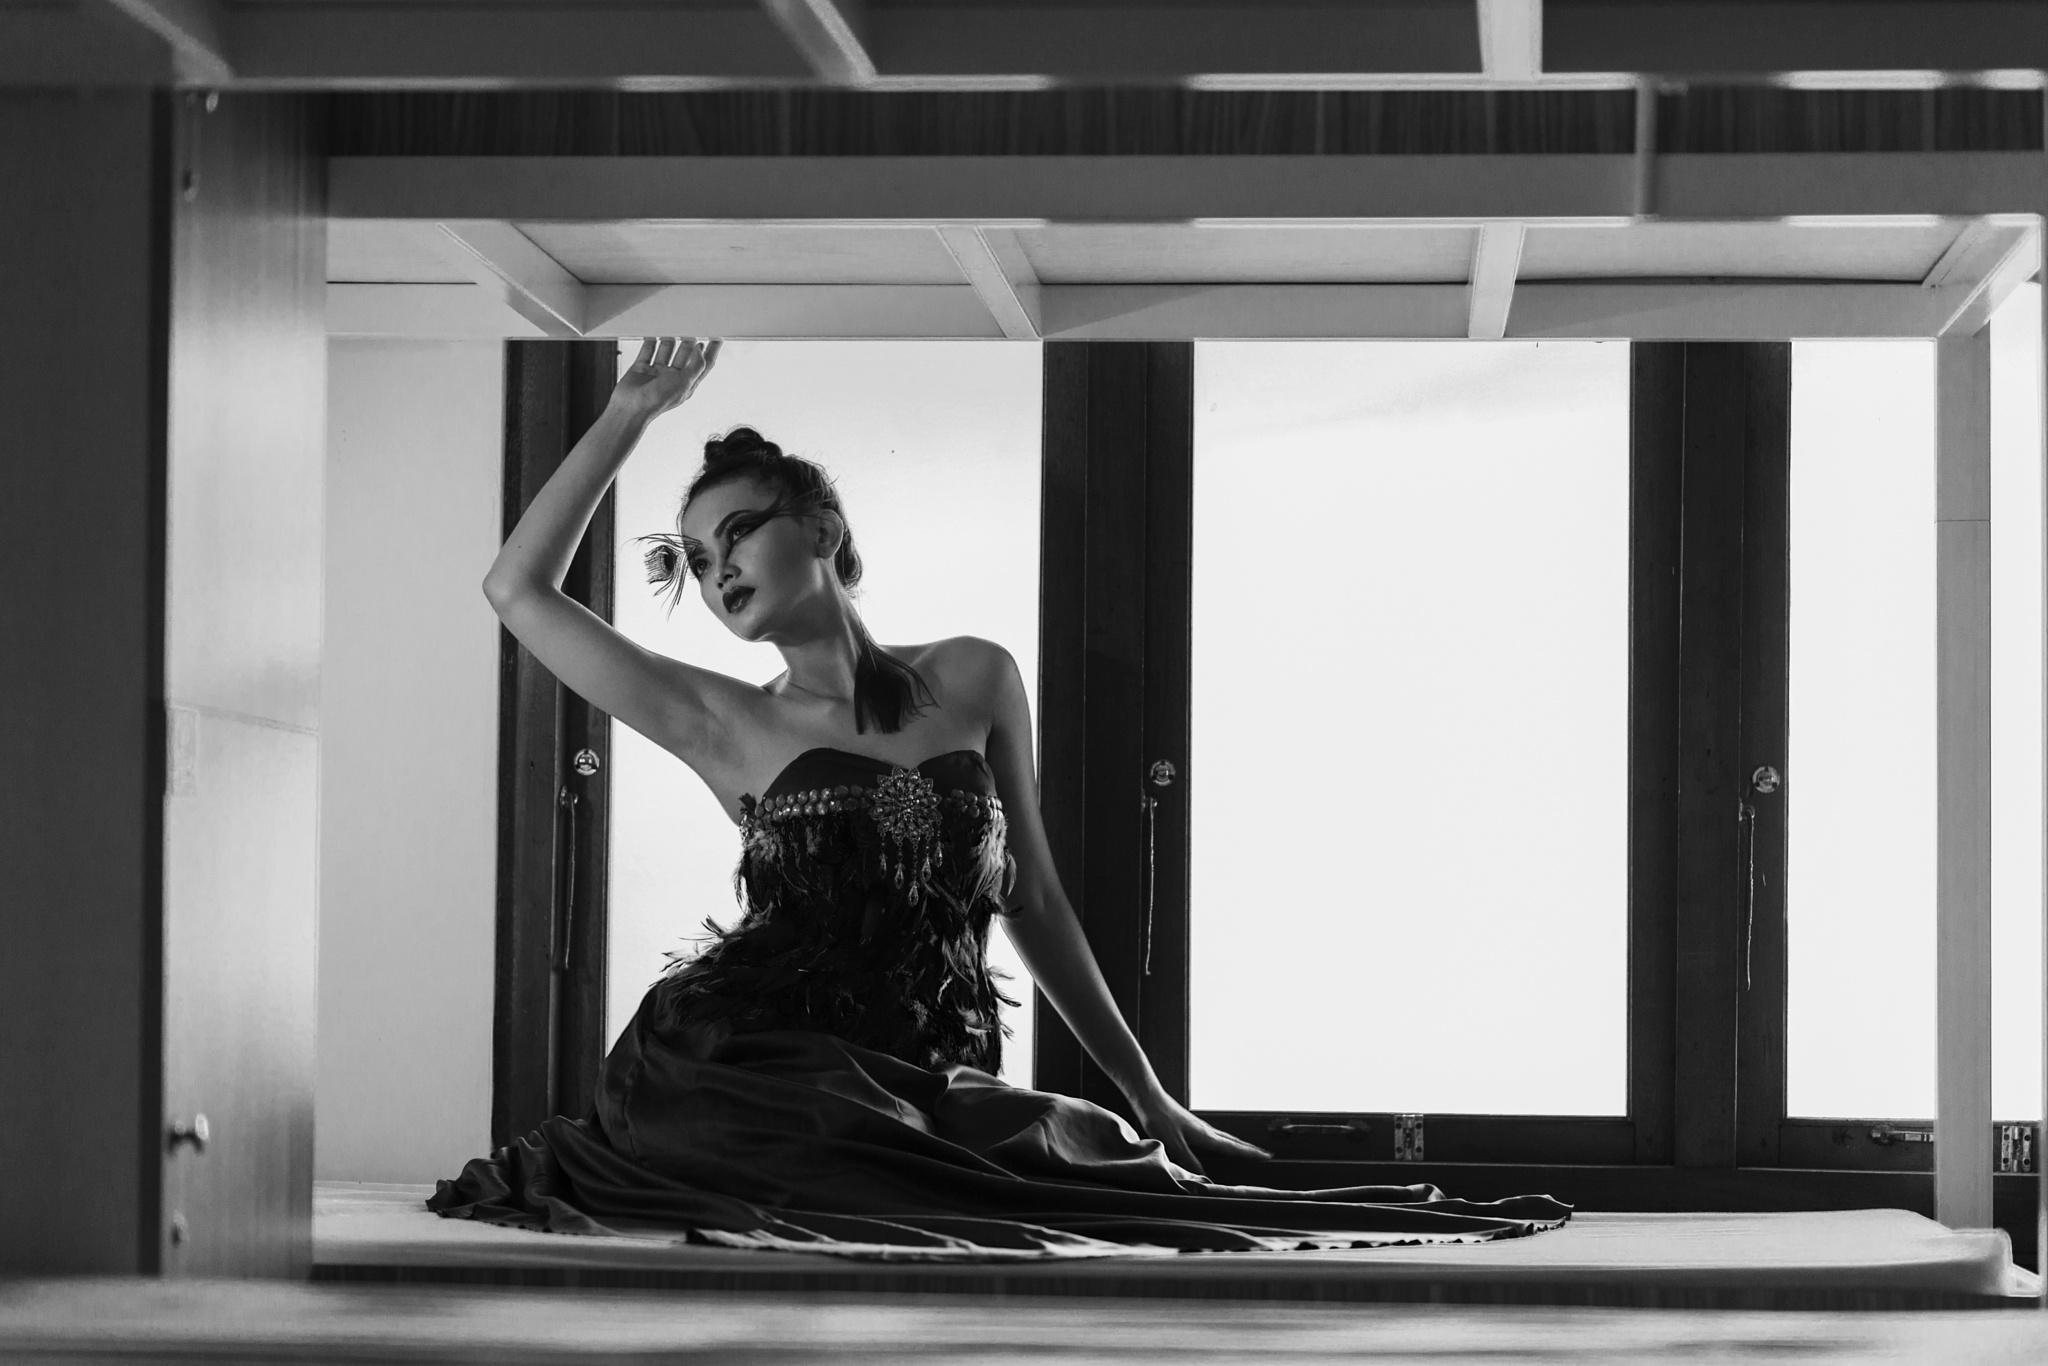 Leonora 2 by Adjie djie